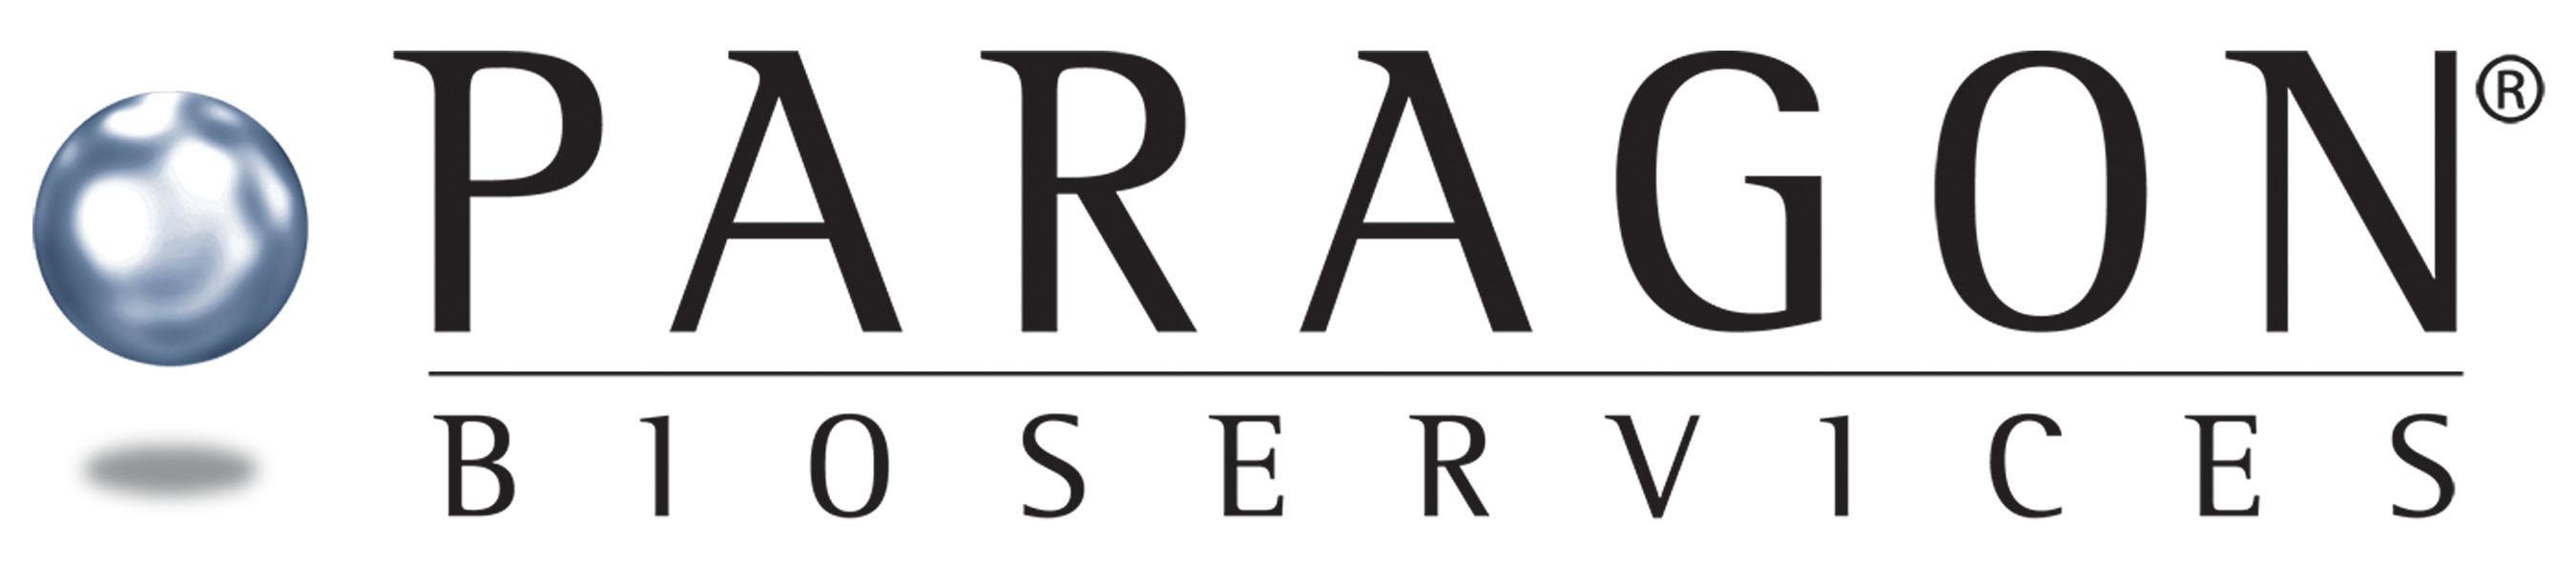 Paragon Bioservices Inc. Logo